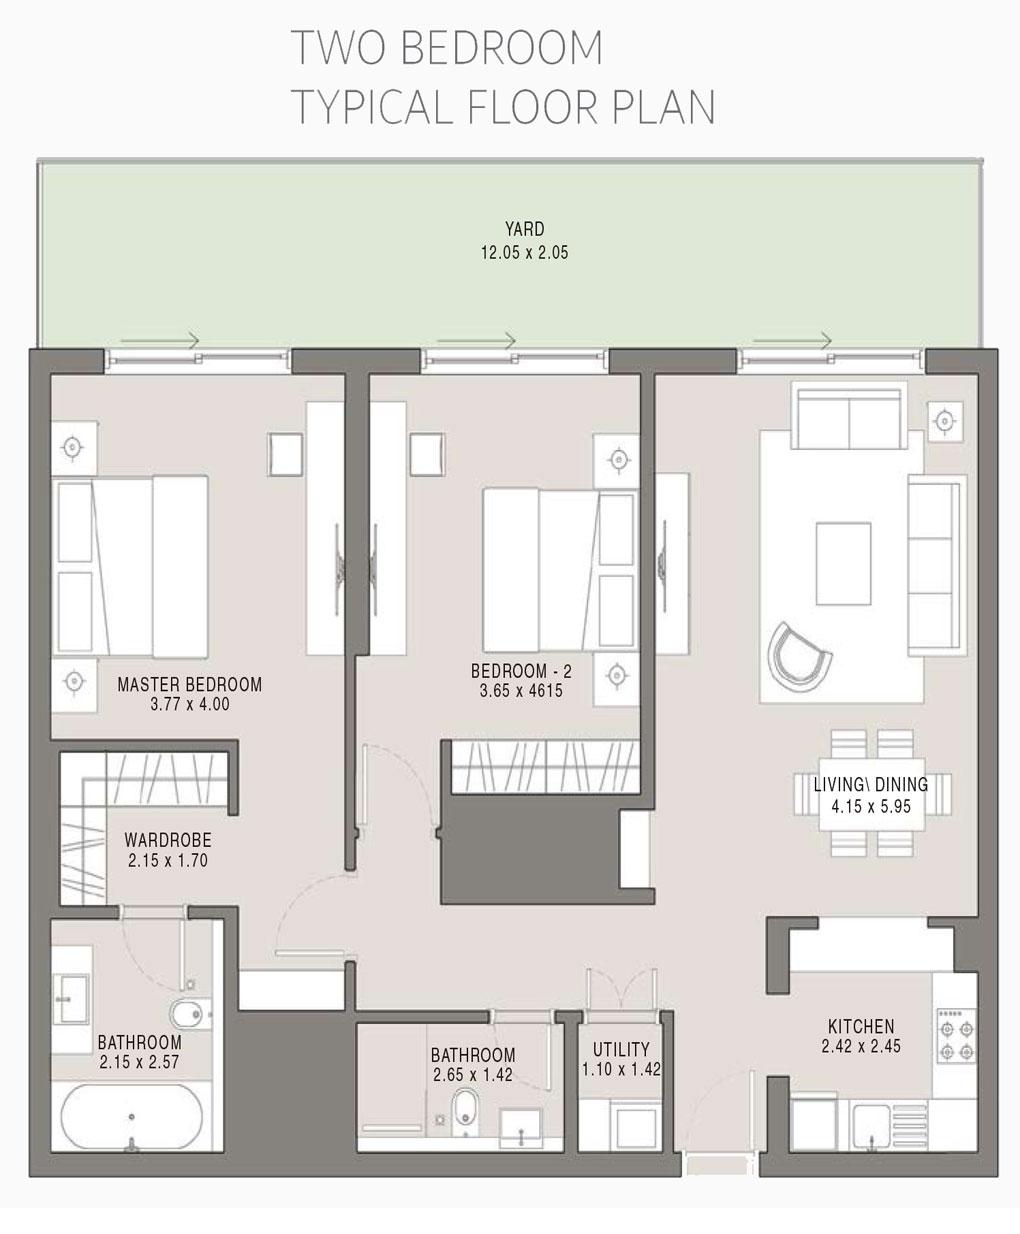 2BDR-Tpical-Floor-Plan